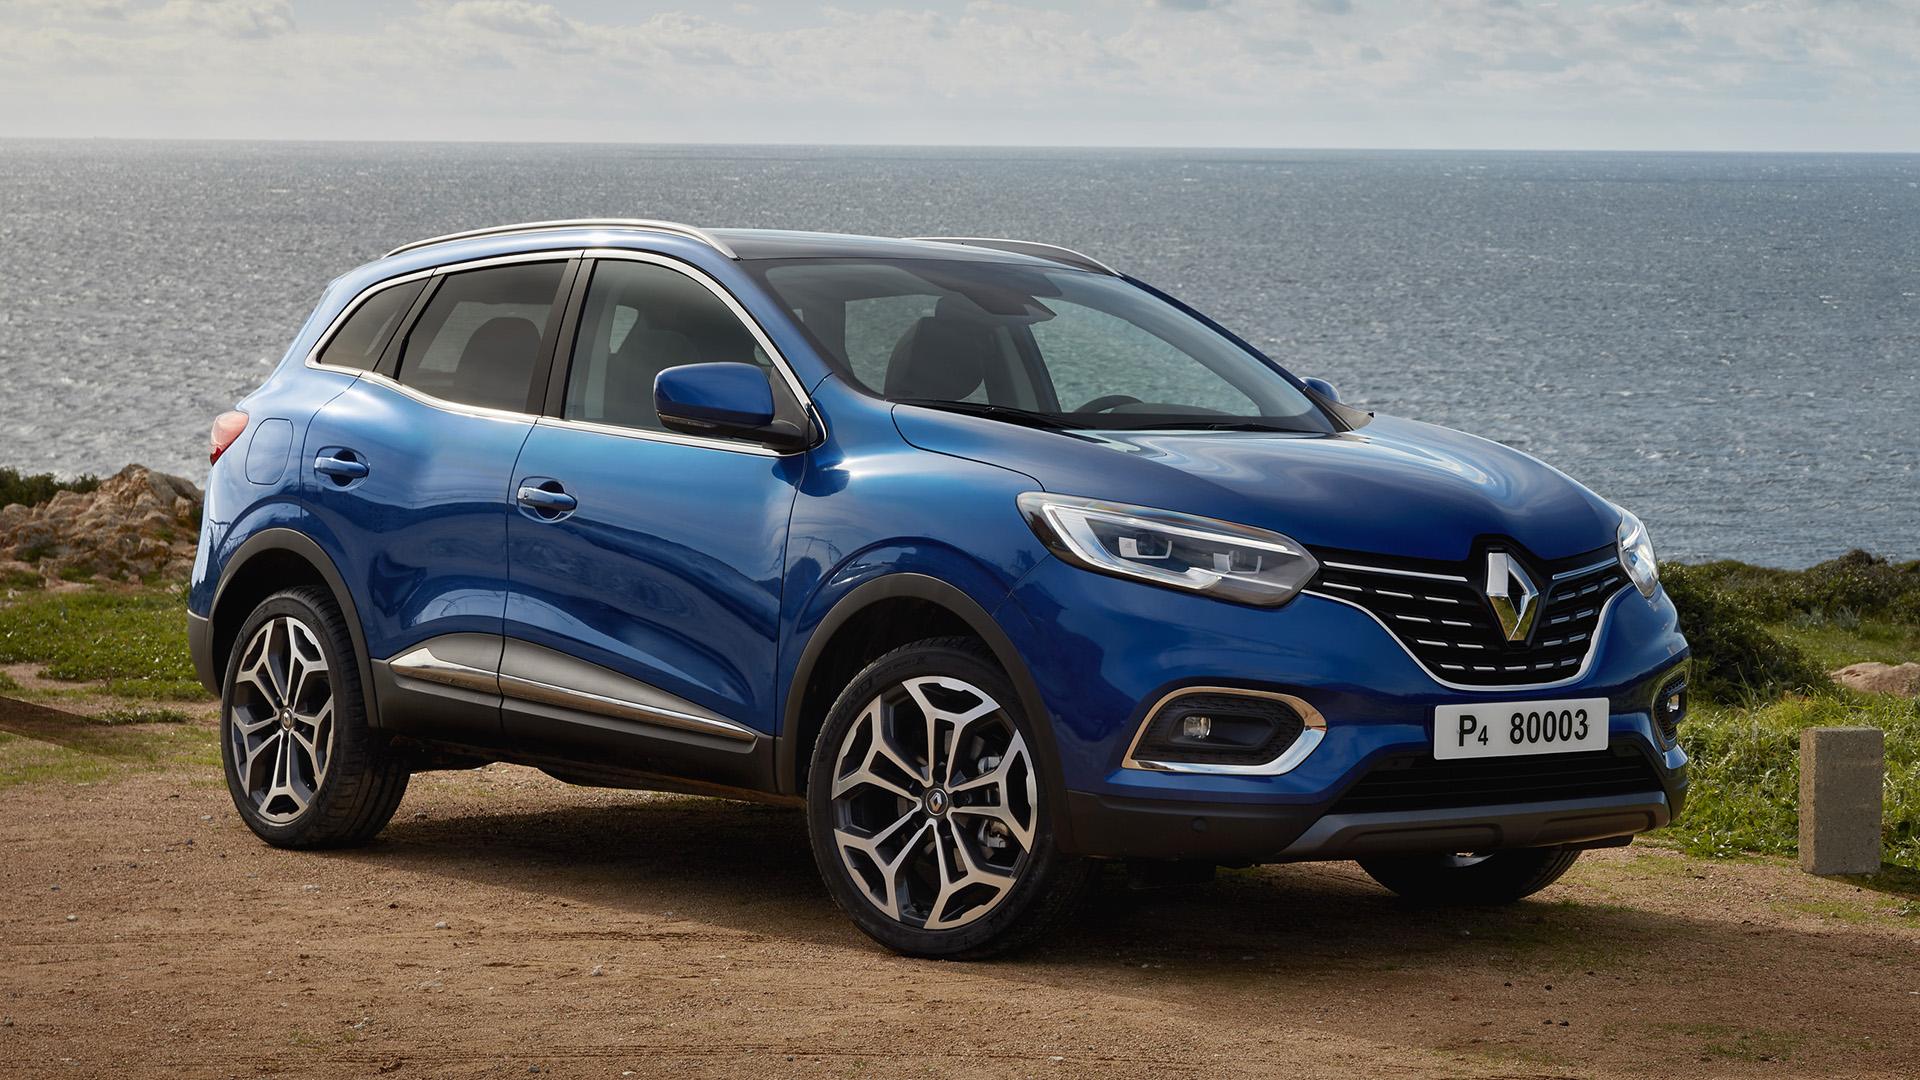 El Renault Kadjar 2 se acerca… pero ojo con el actual: por 19.580 €, con 140 CV y muy equipado